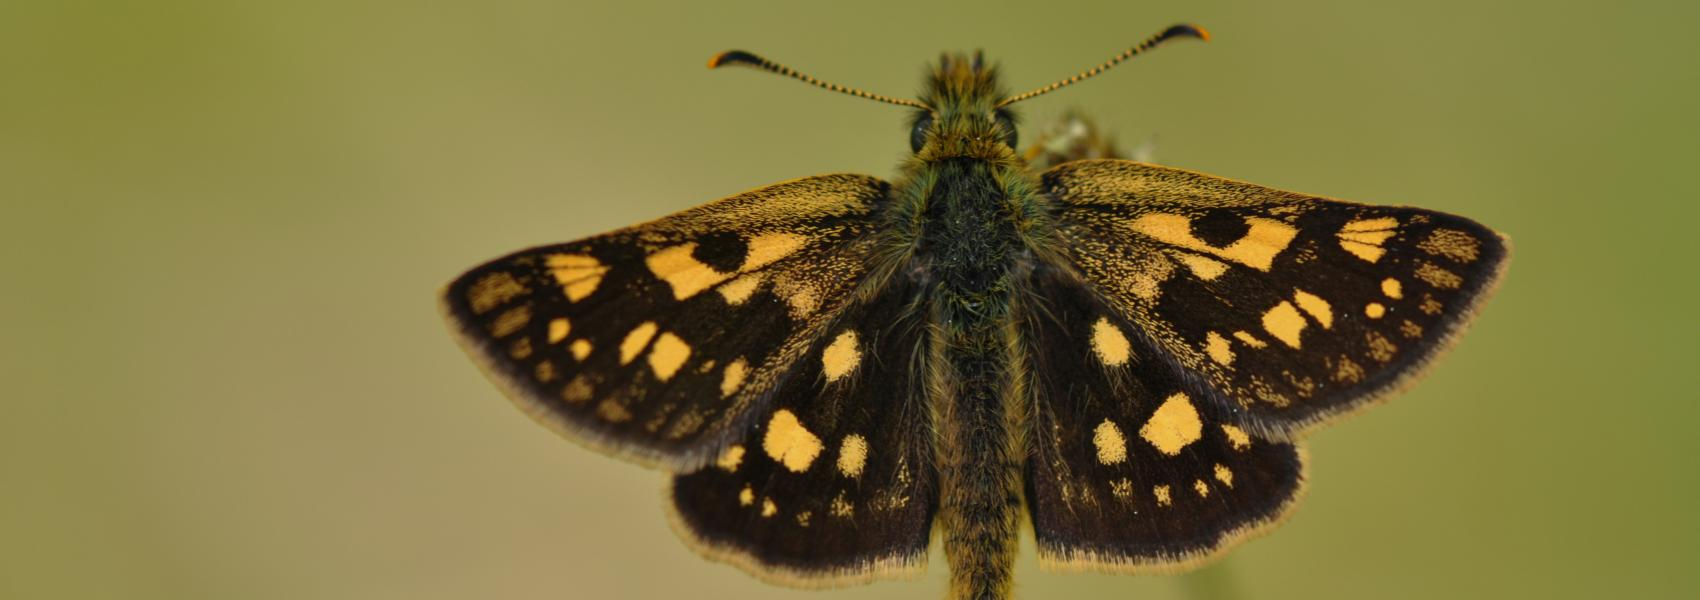 bont dikkopje (vlinder)